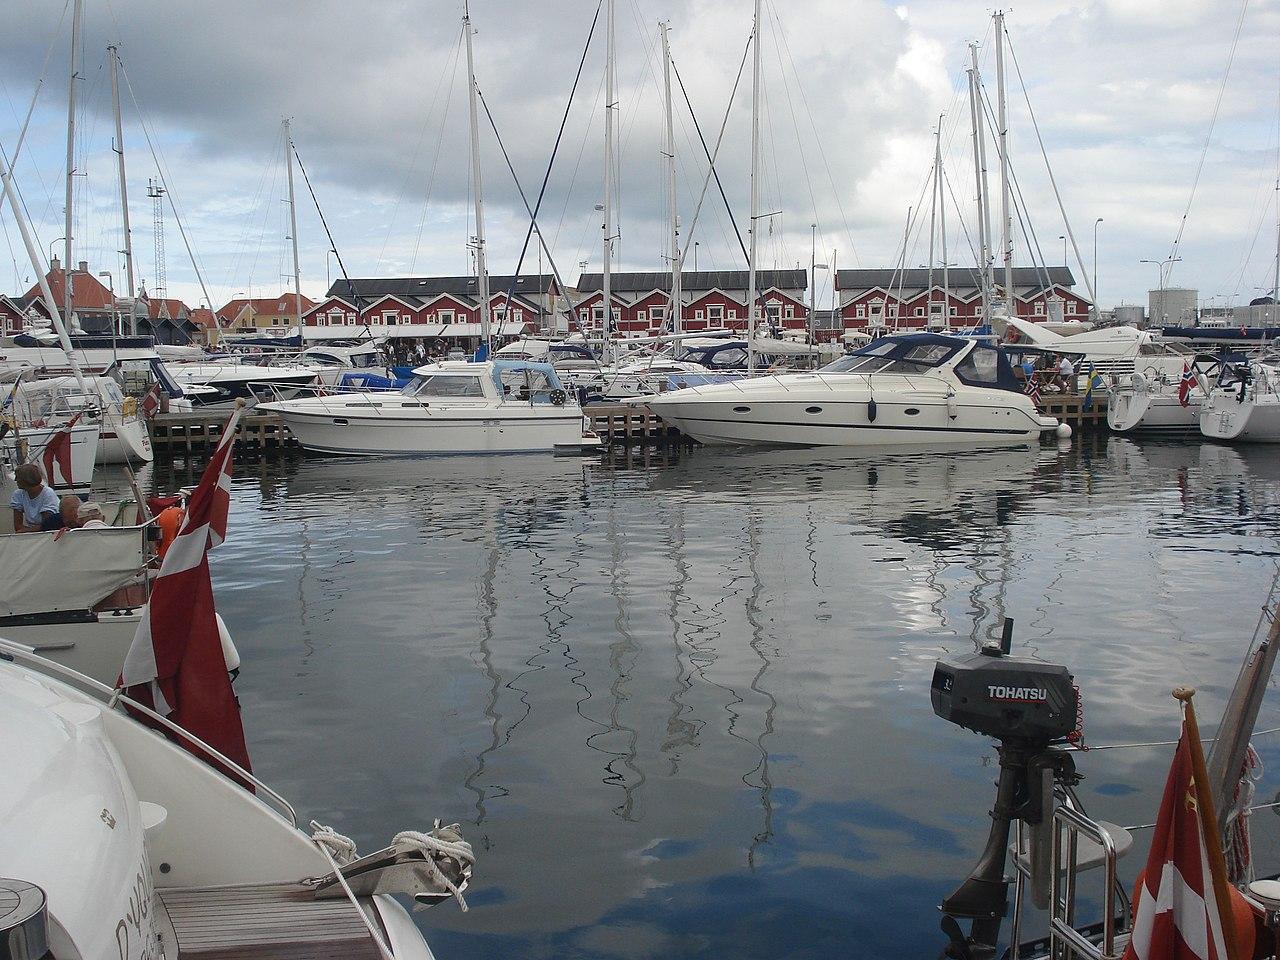 Skagen Havn mit den historischen Fischlagerhäusern im Hintergrund (Juli 2008)